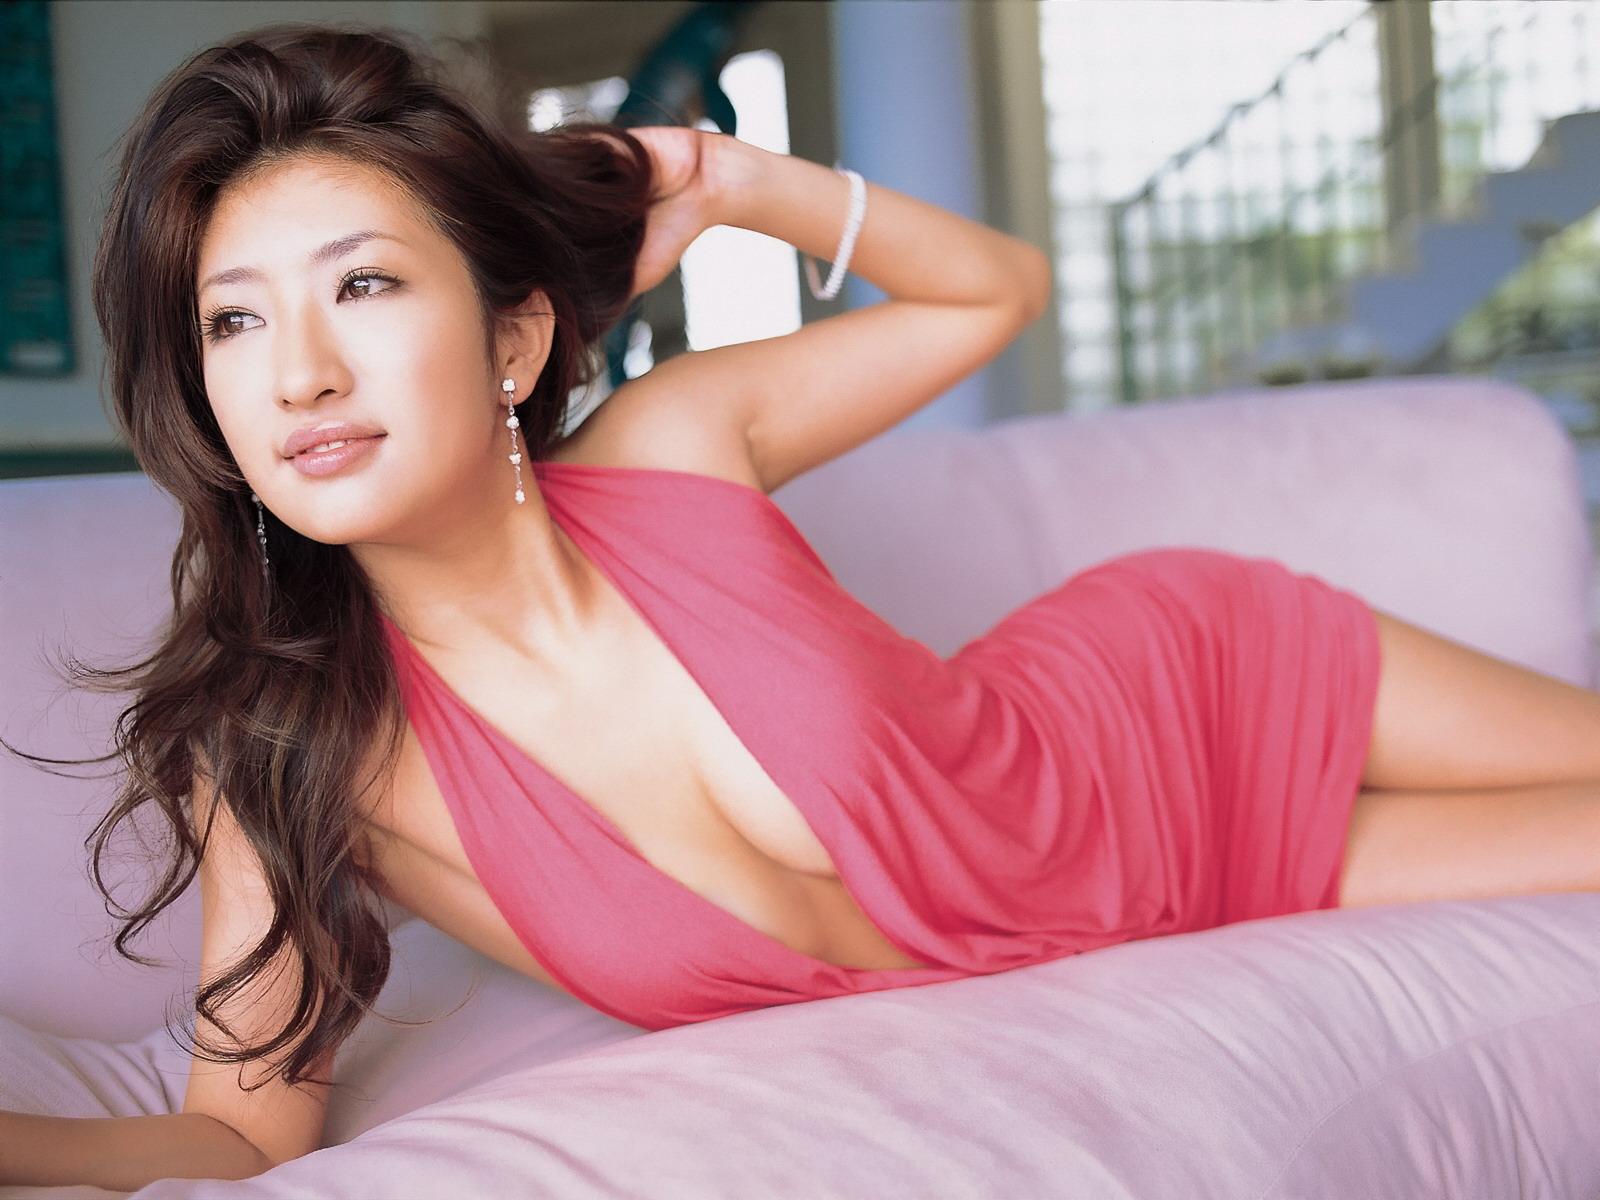 Фото азиатских женщин 22 фотография